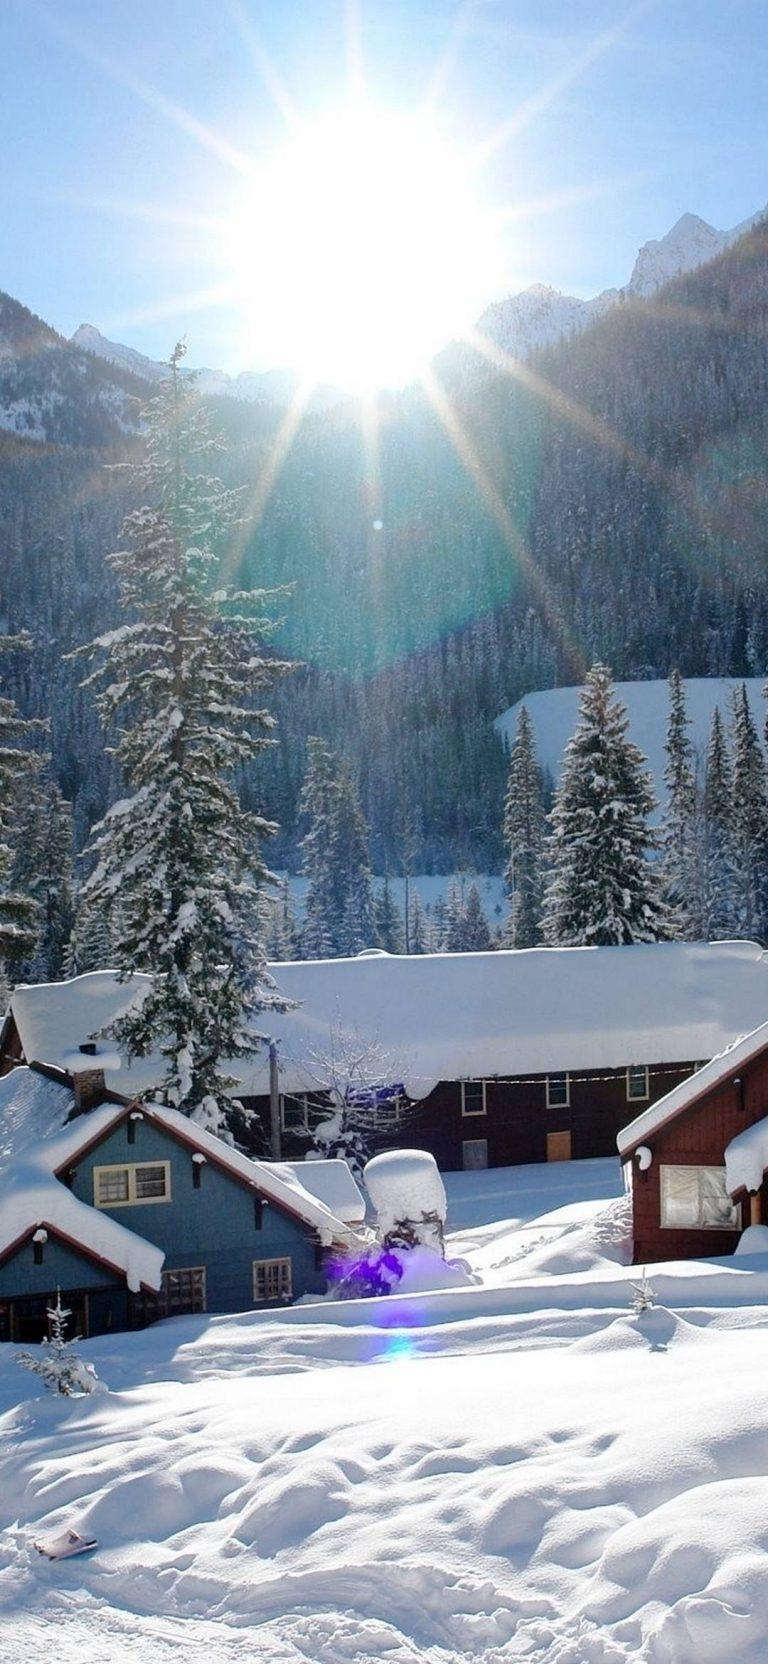 Mountains Houses Snow 1080x2340 768x1664